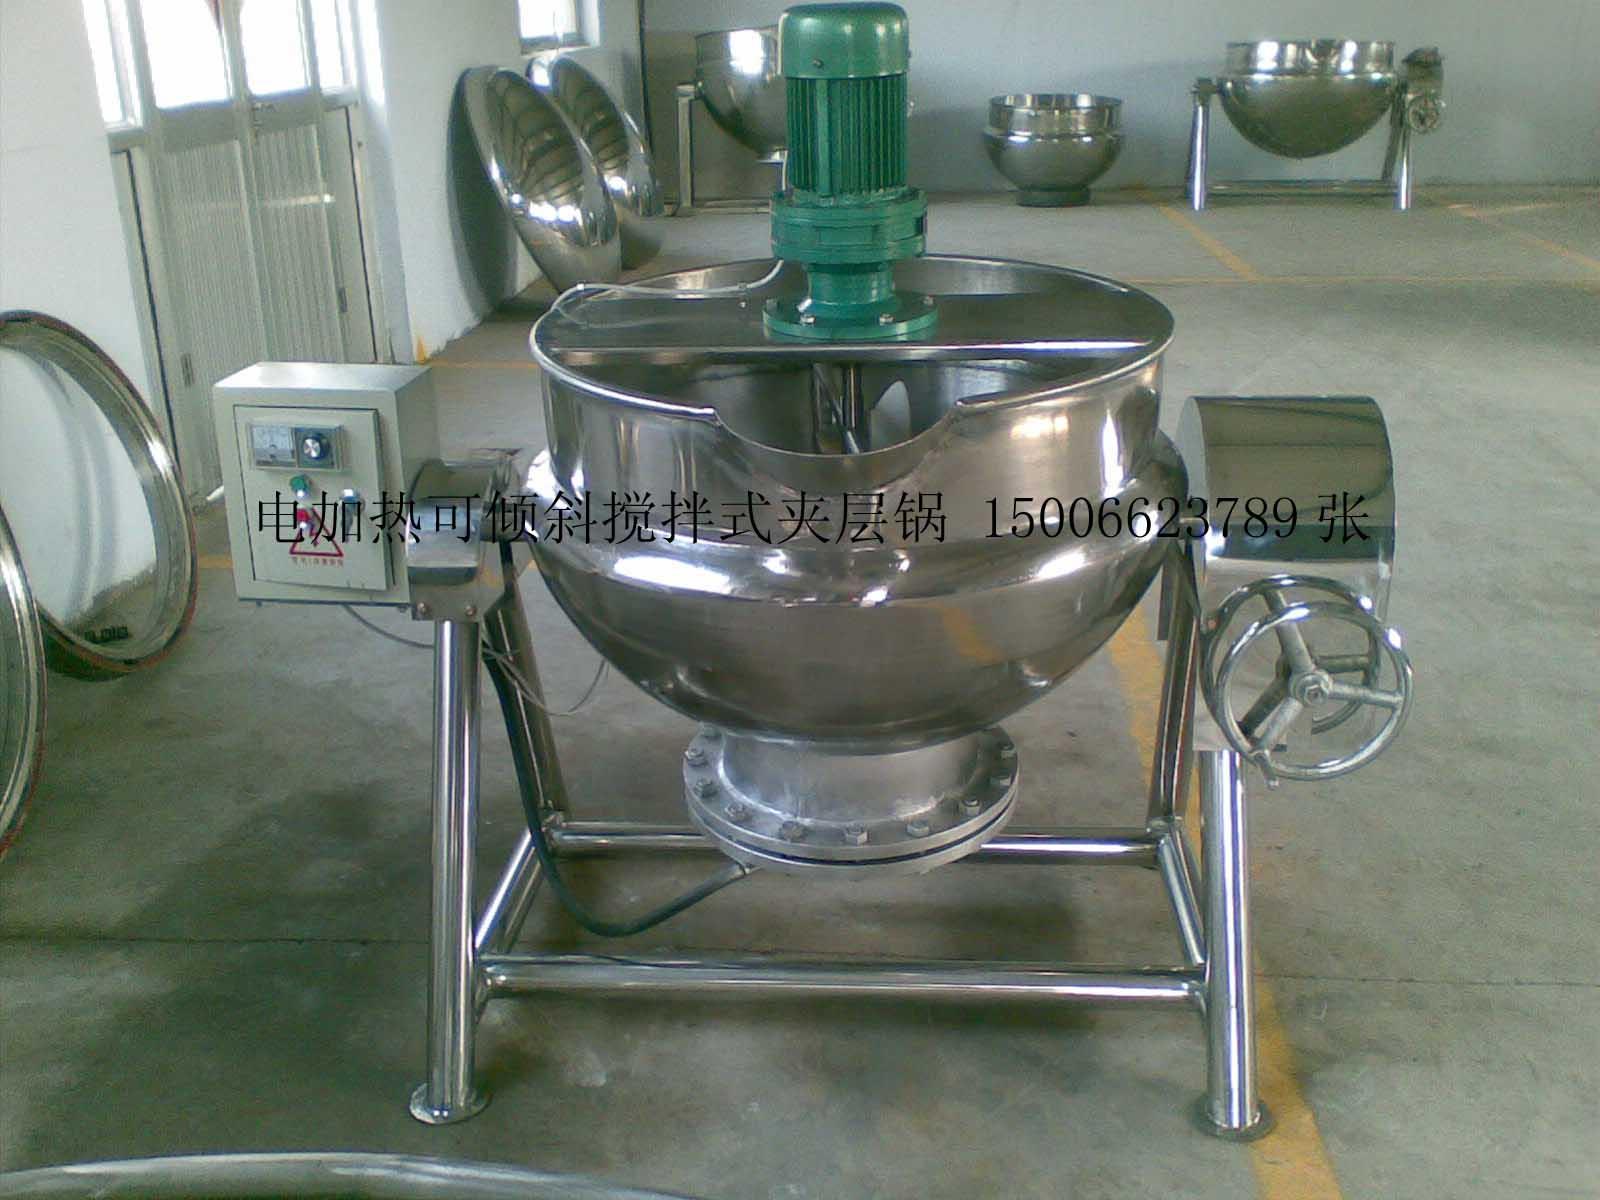 不锈钢电加热可倾搅拌夹层锅